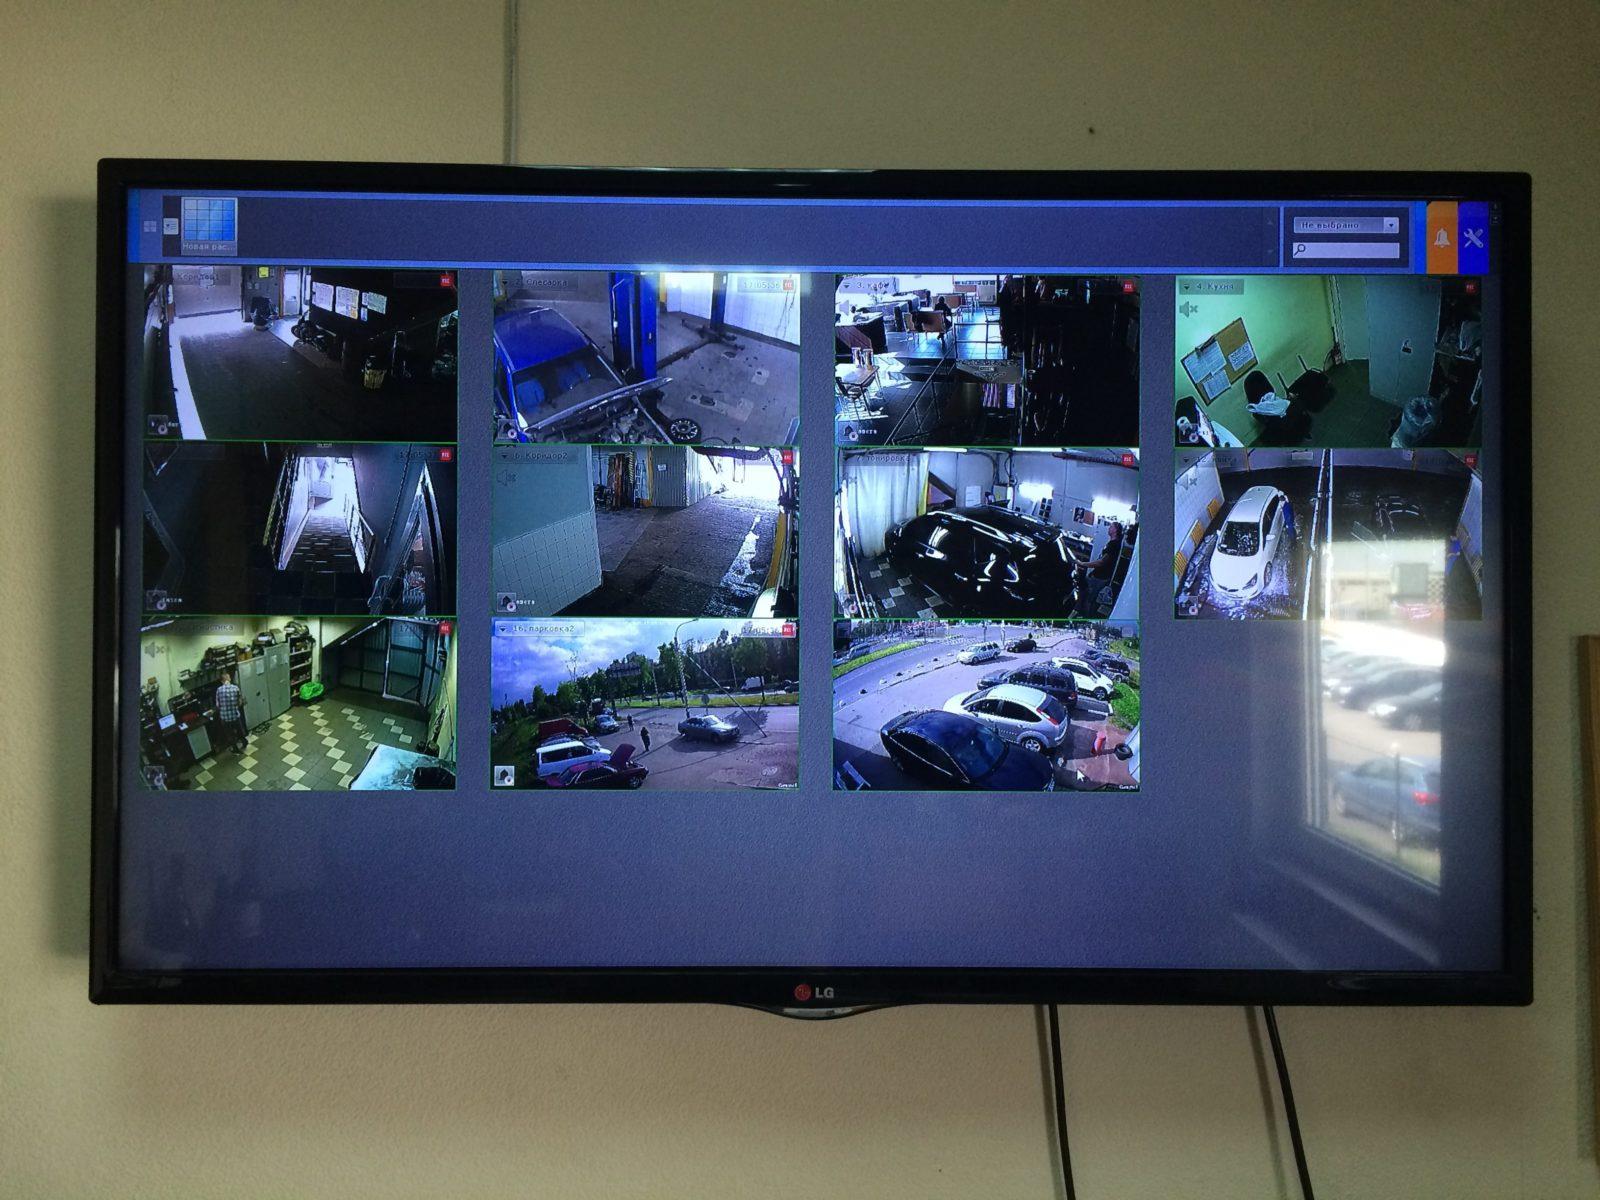 Системы видеонаблюдения для охраны объектов и безопасности имущества